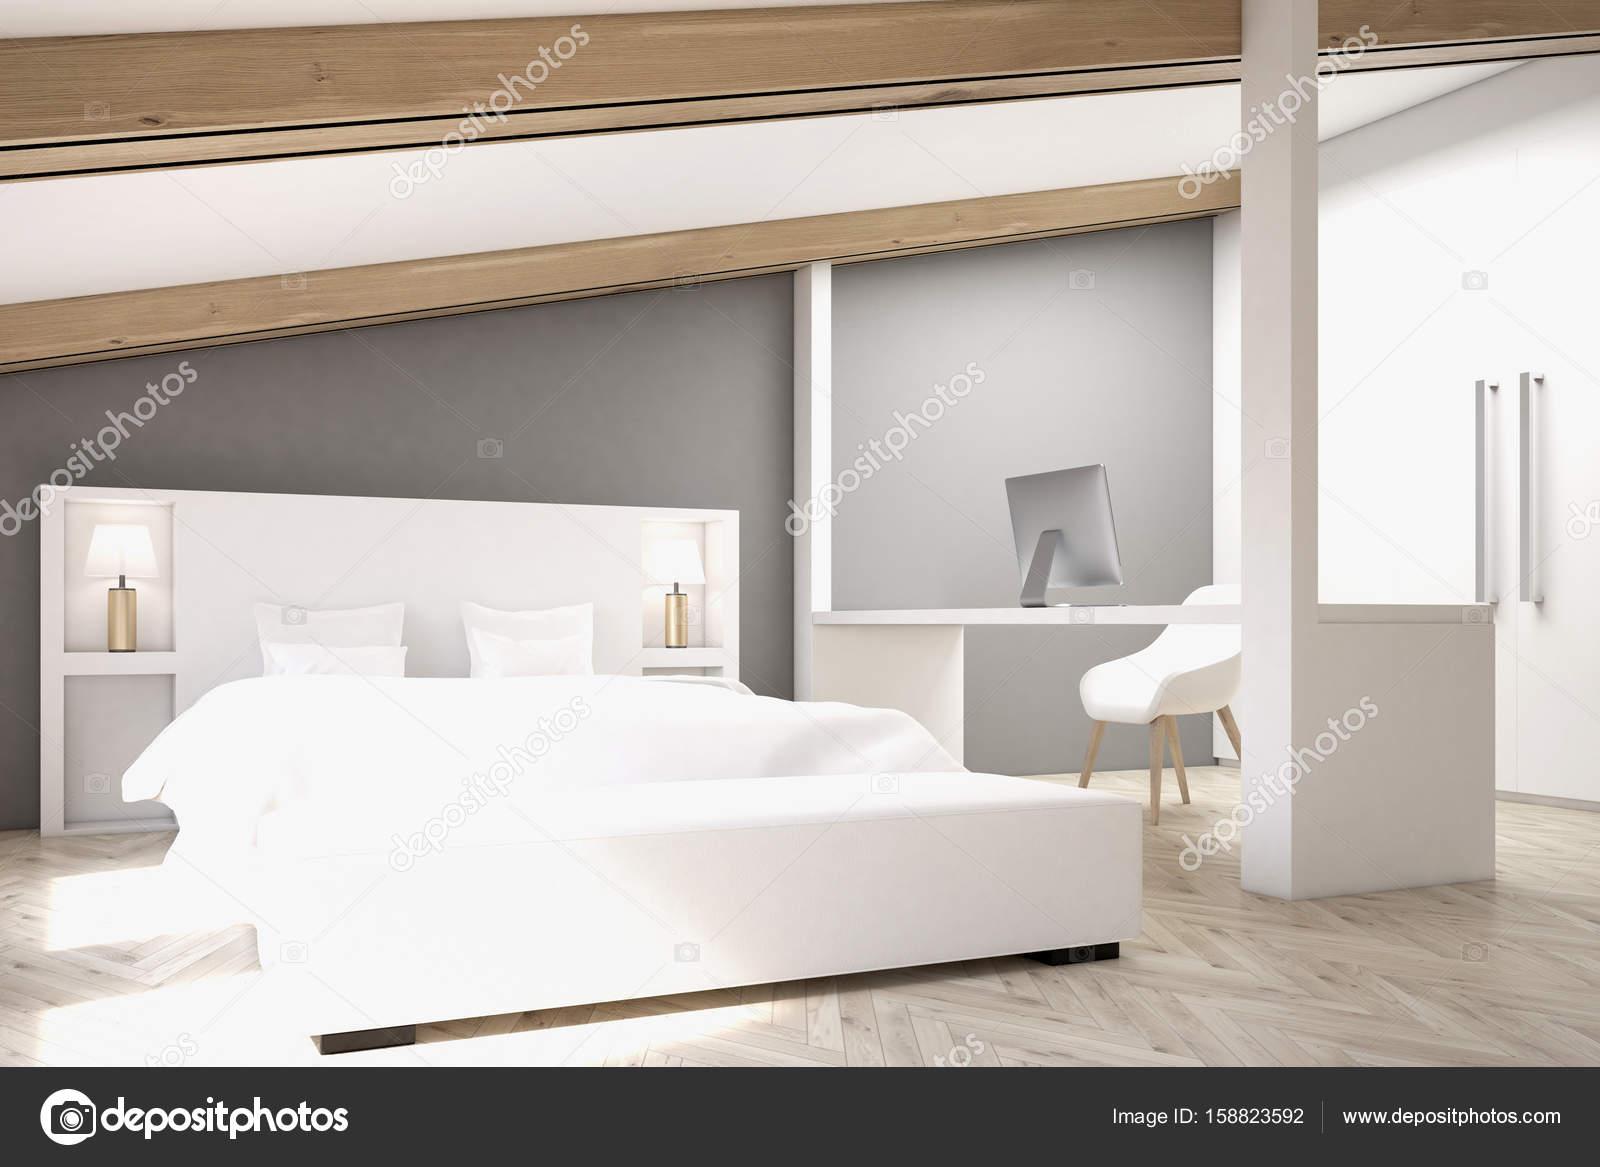 Slaapkamer Op Zolder : Grijze zolder slaapkamer kantoor aan huis kant u stockfoto